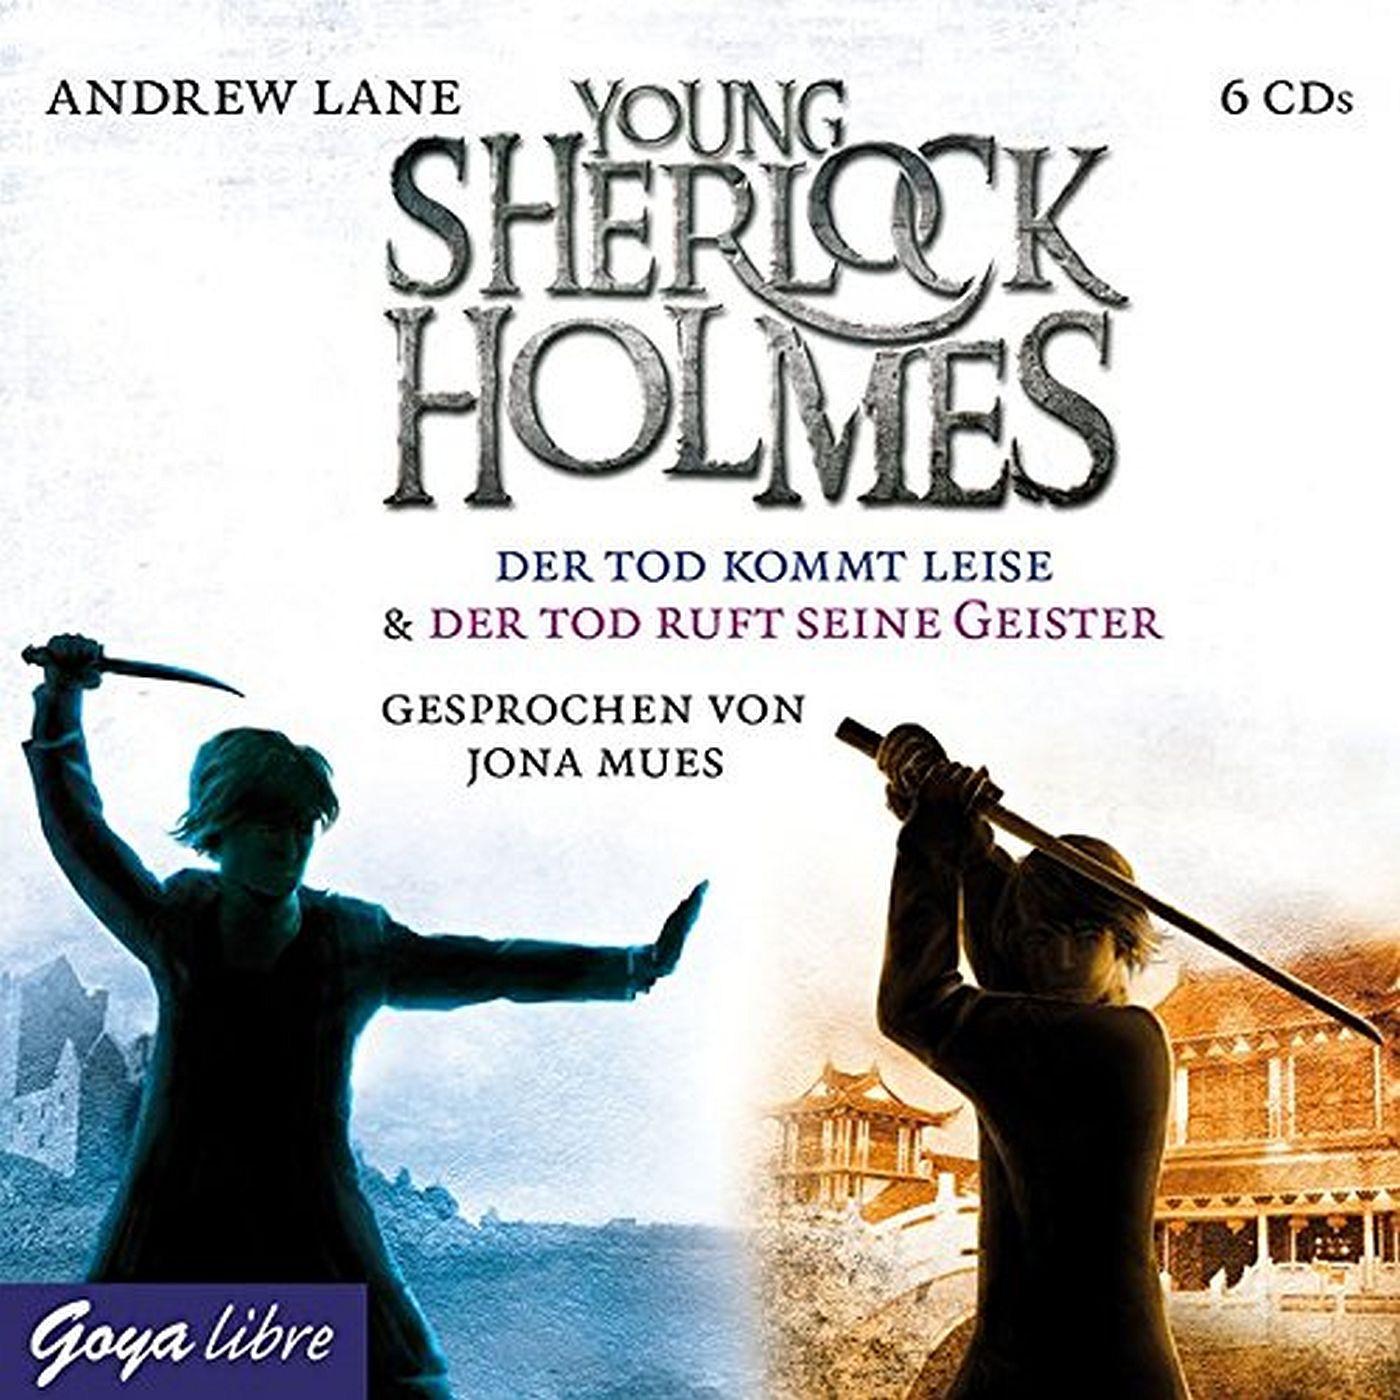 Young Sherlock Holmes. Der Tod kommt leise [5] / Der Tod ruft seine Geister [6]